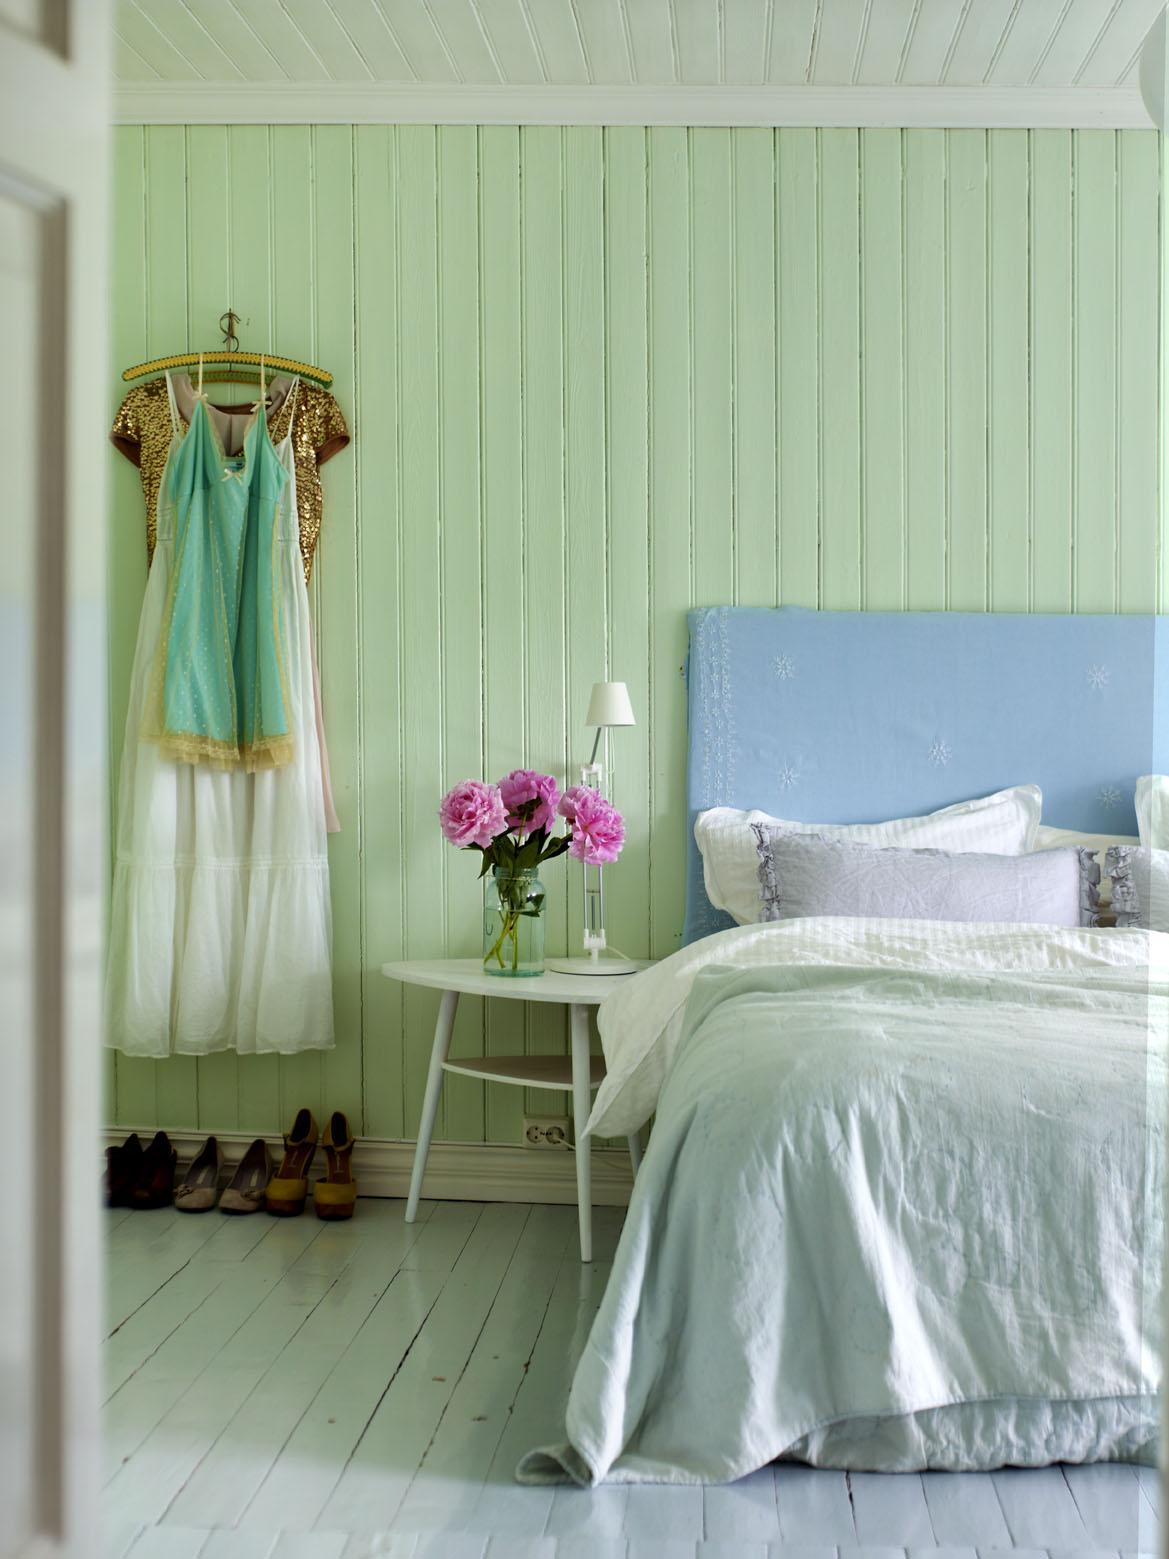 deco chambre lambris peinture verte  Cocon - déco & vie nomade